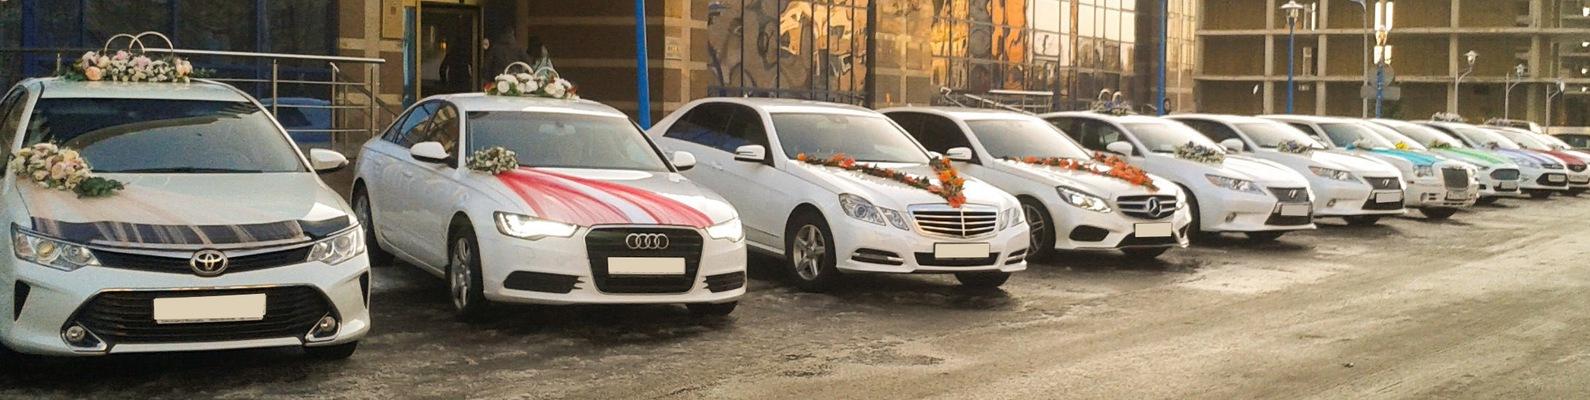 ярославль машины в аренду на свадьбу